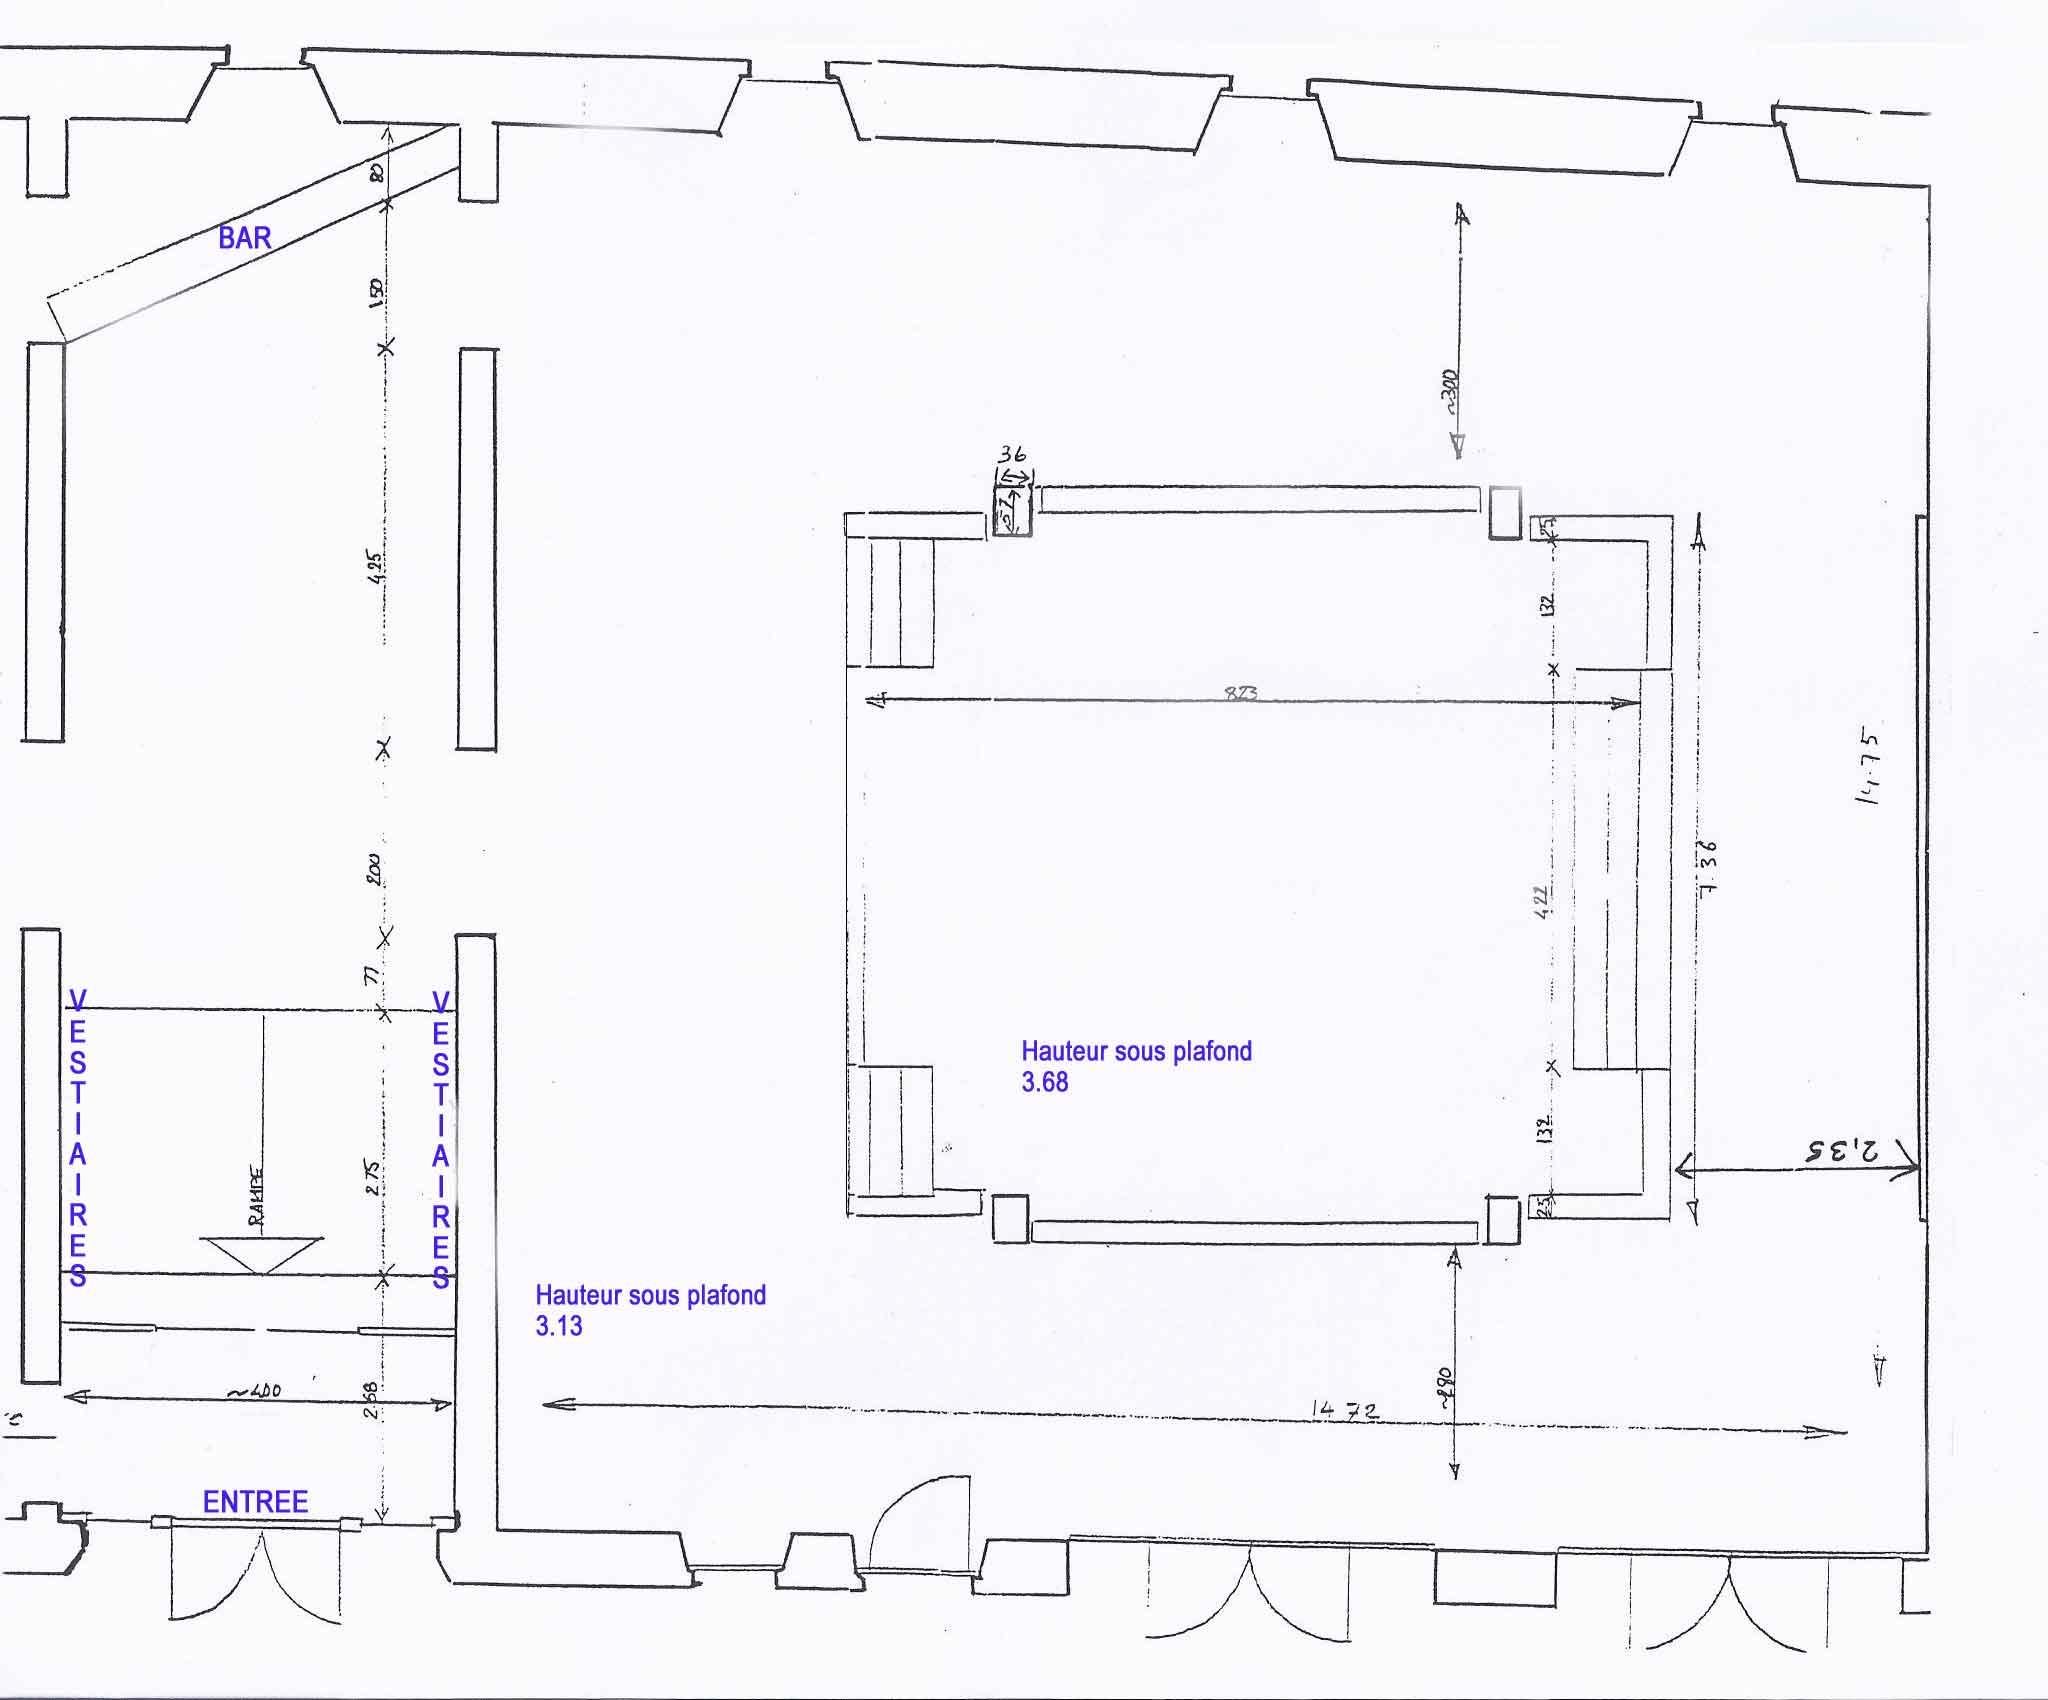 Plan de la Salle de La Débridée